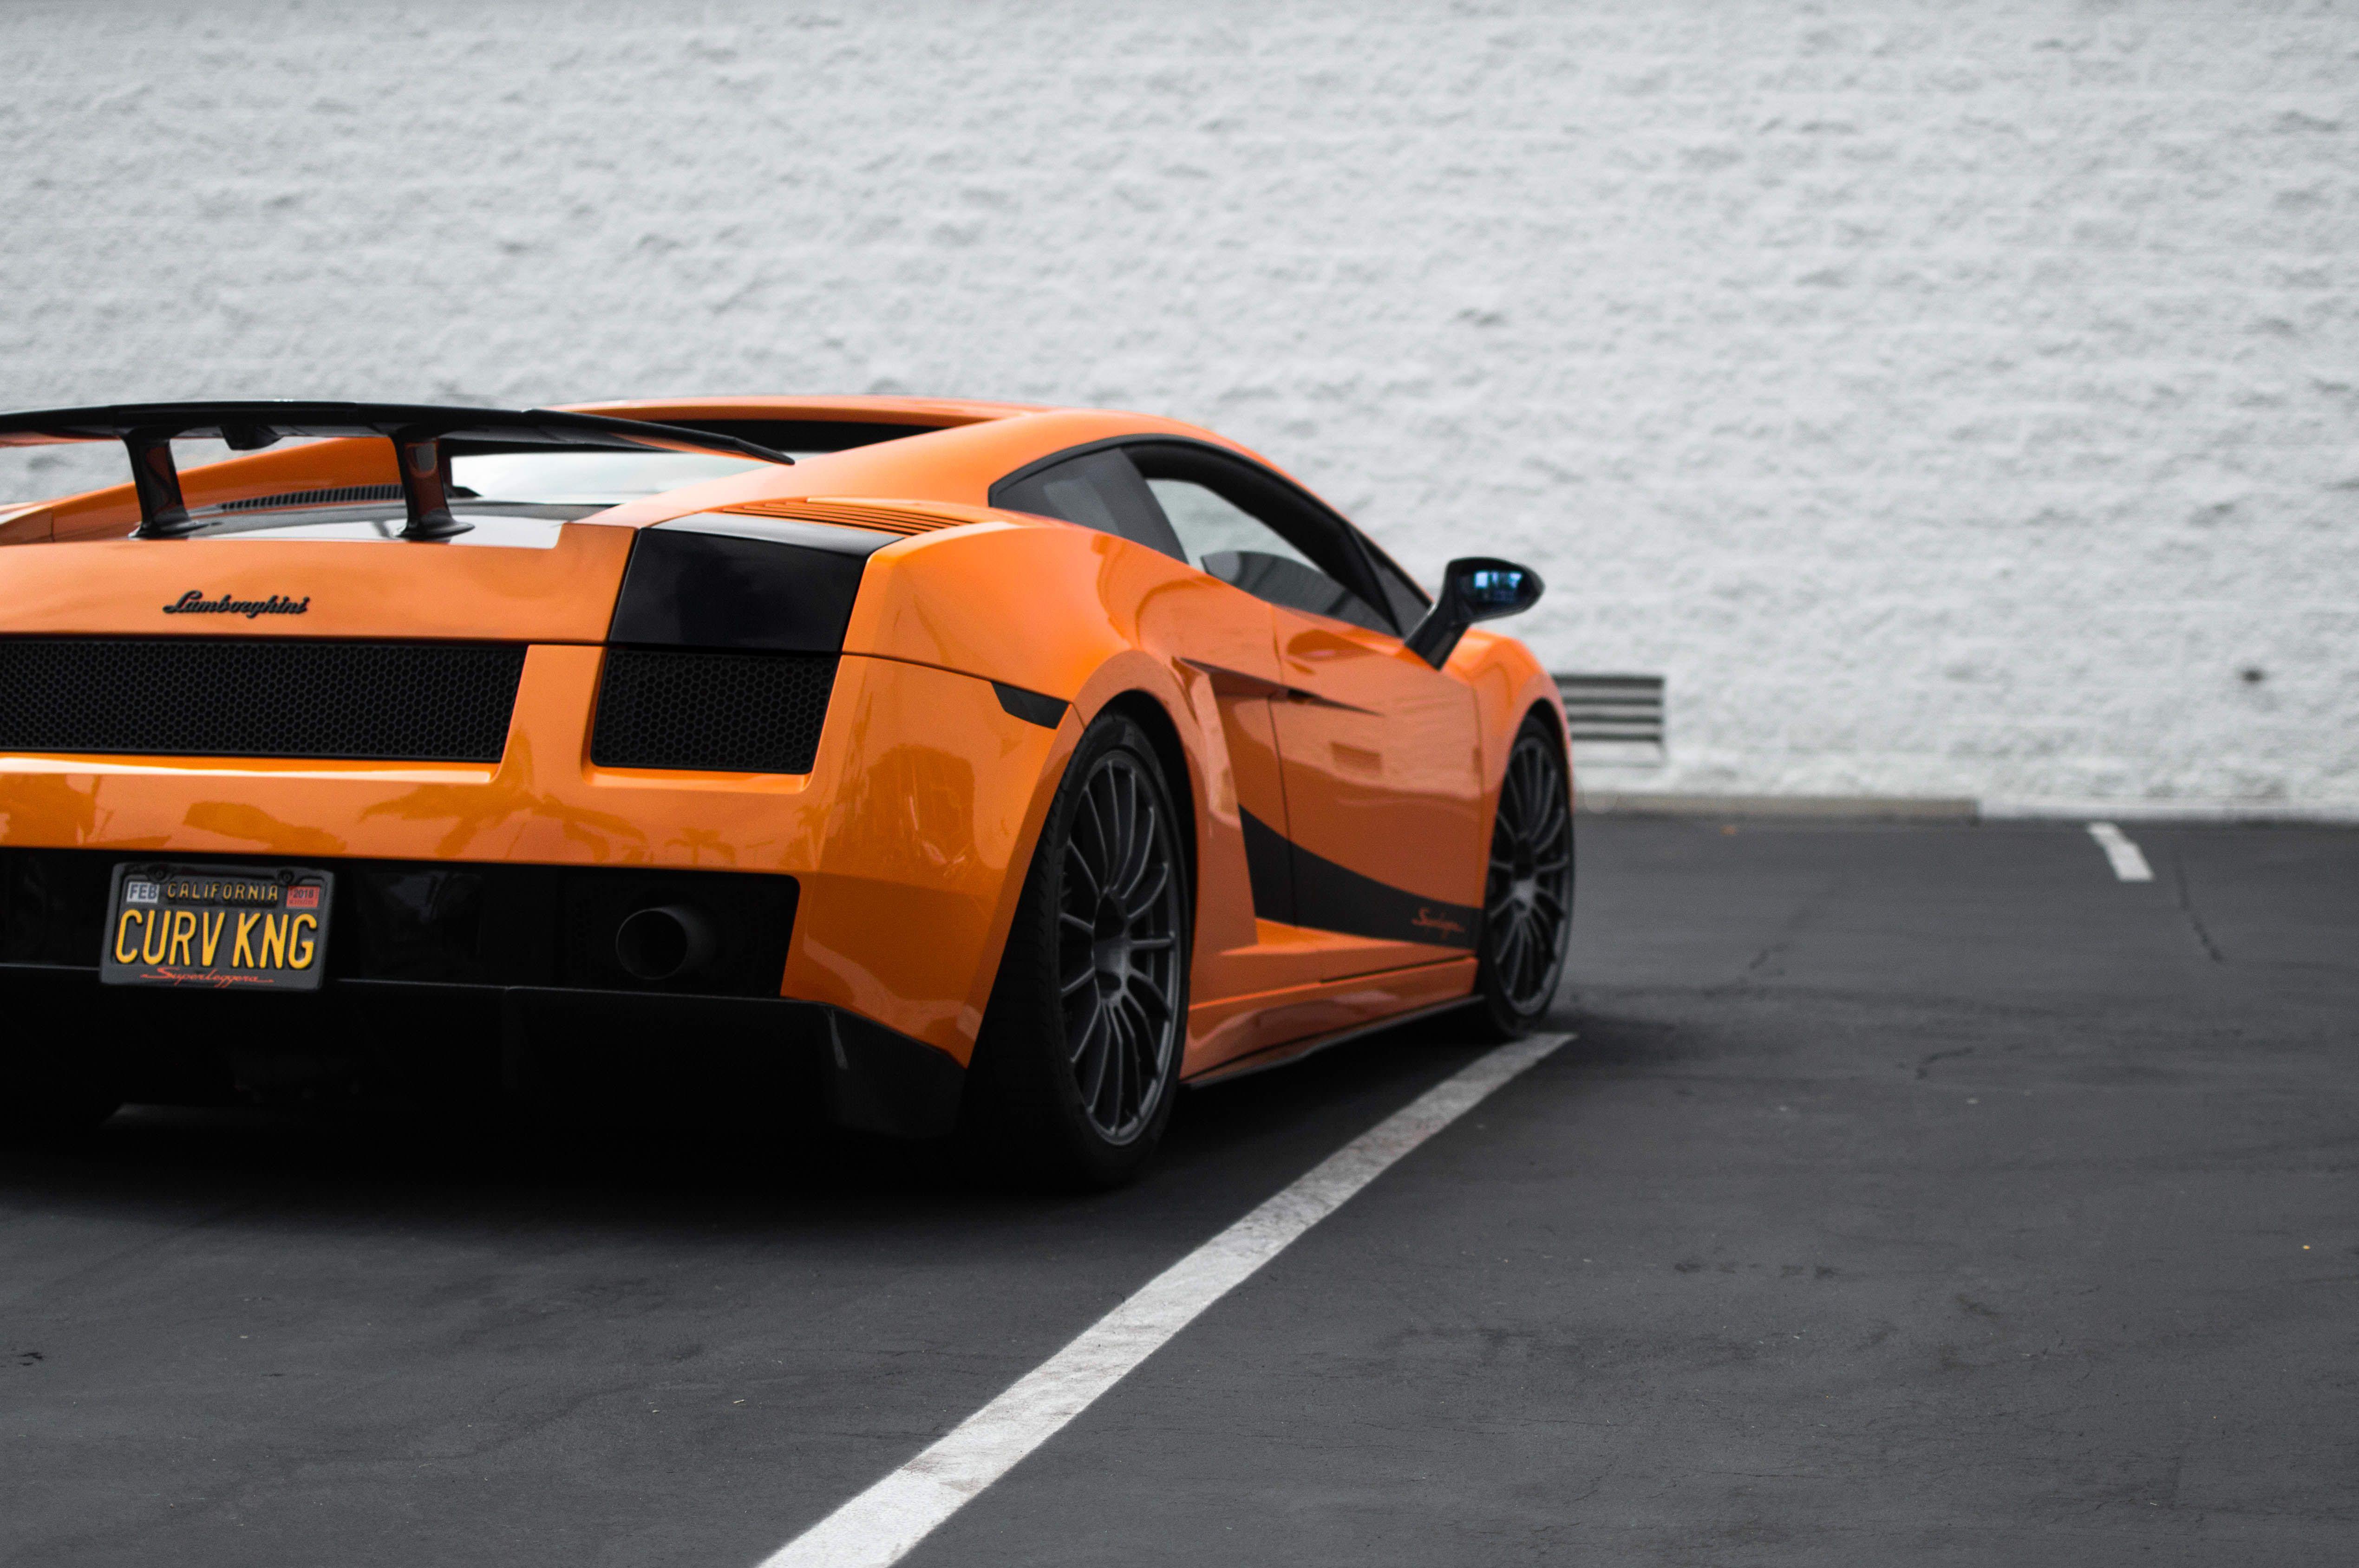 Orange Gallardo Superleggera [5100x3400] via